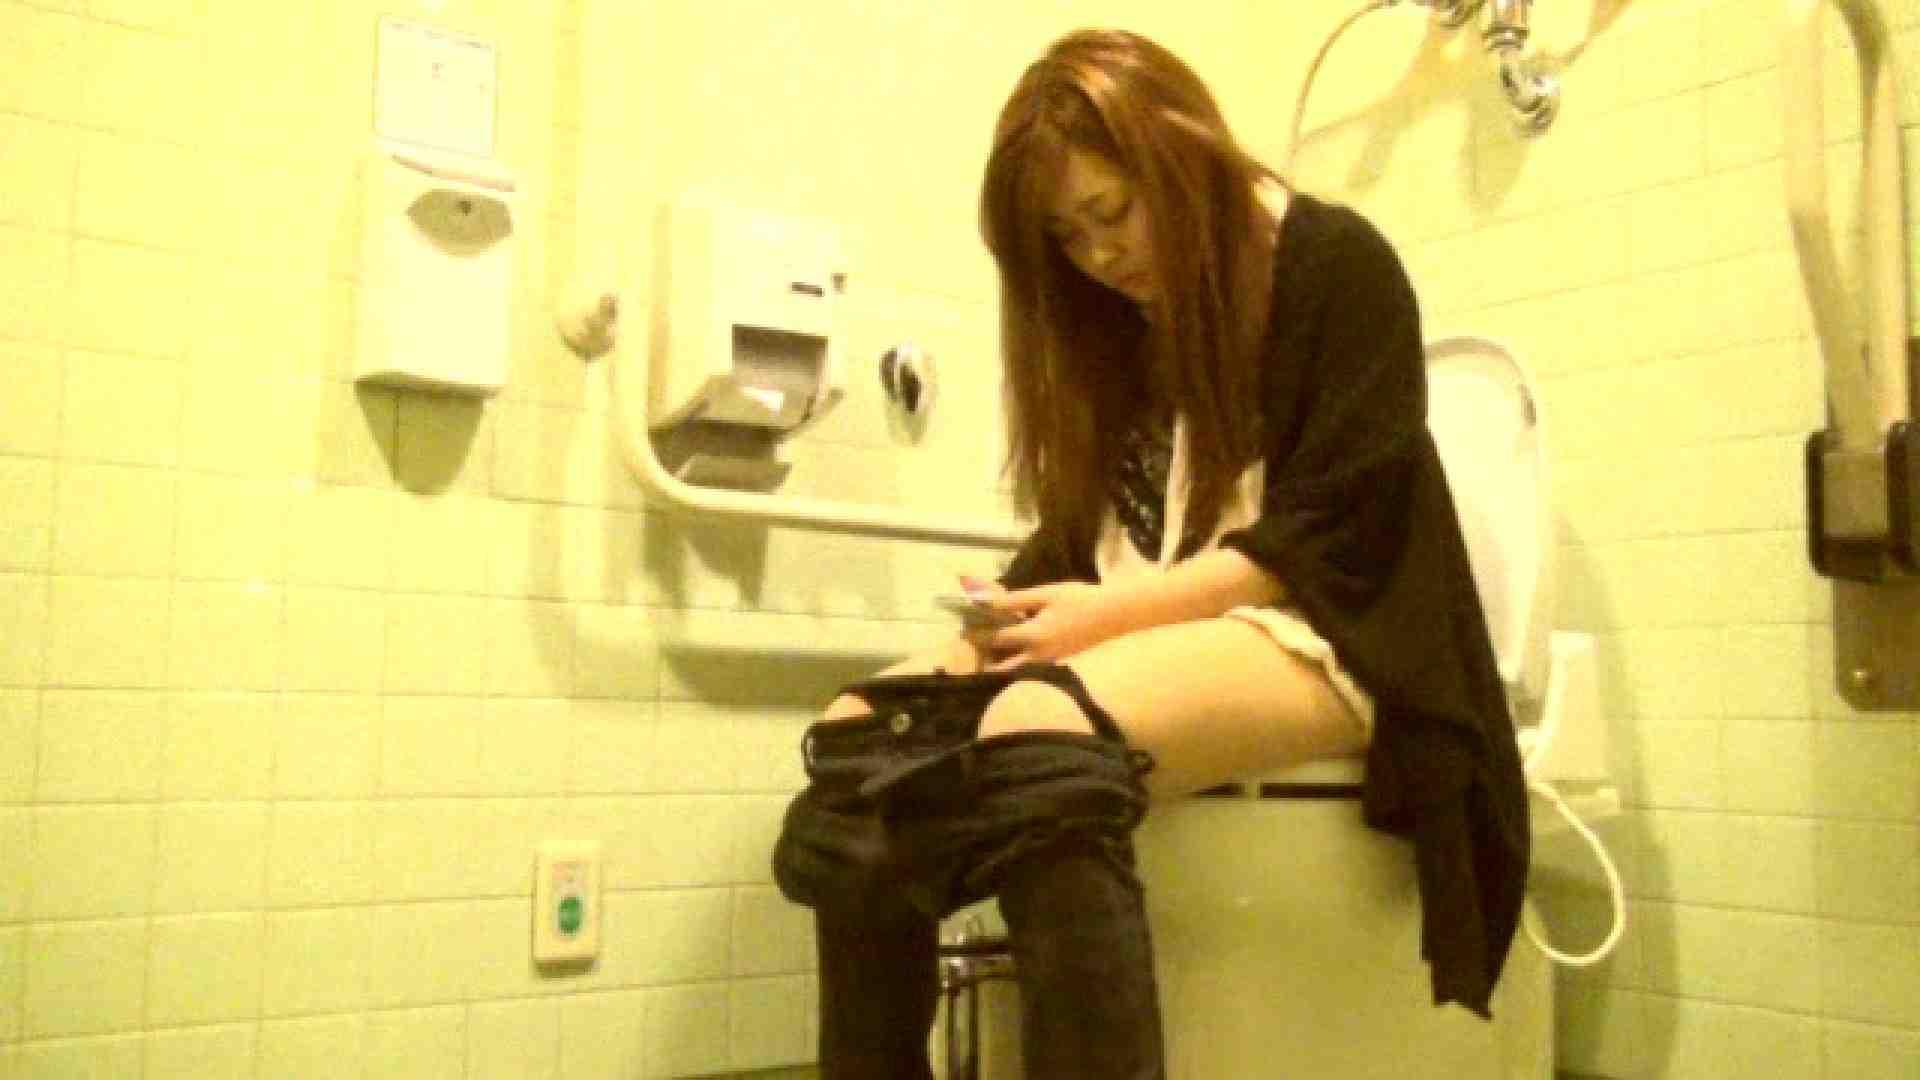 魔術師の お・も・て・な・し vol.26 19歳のバーの店員さんの洗面所をしばし… 洗面所 | 美女OL  54連発 11